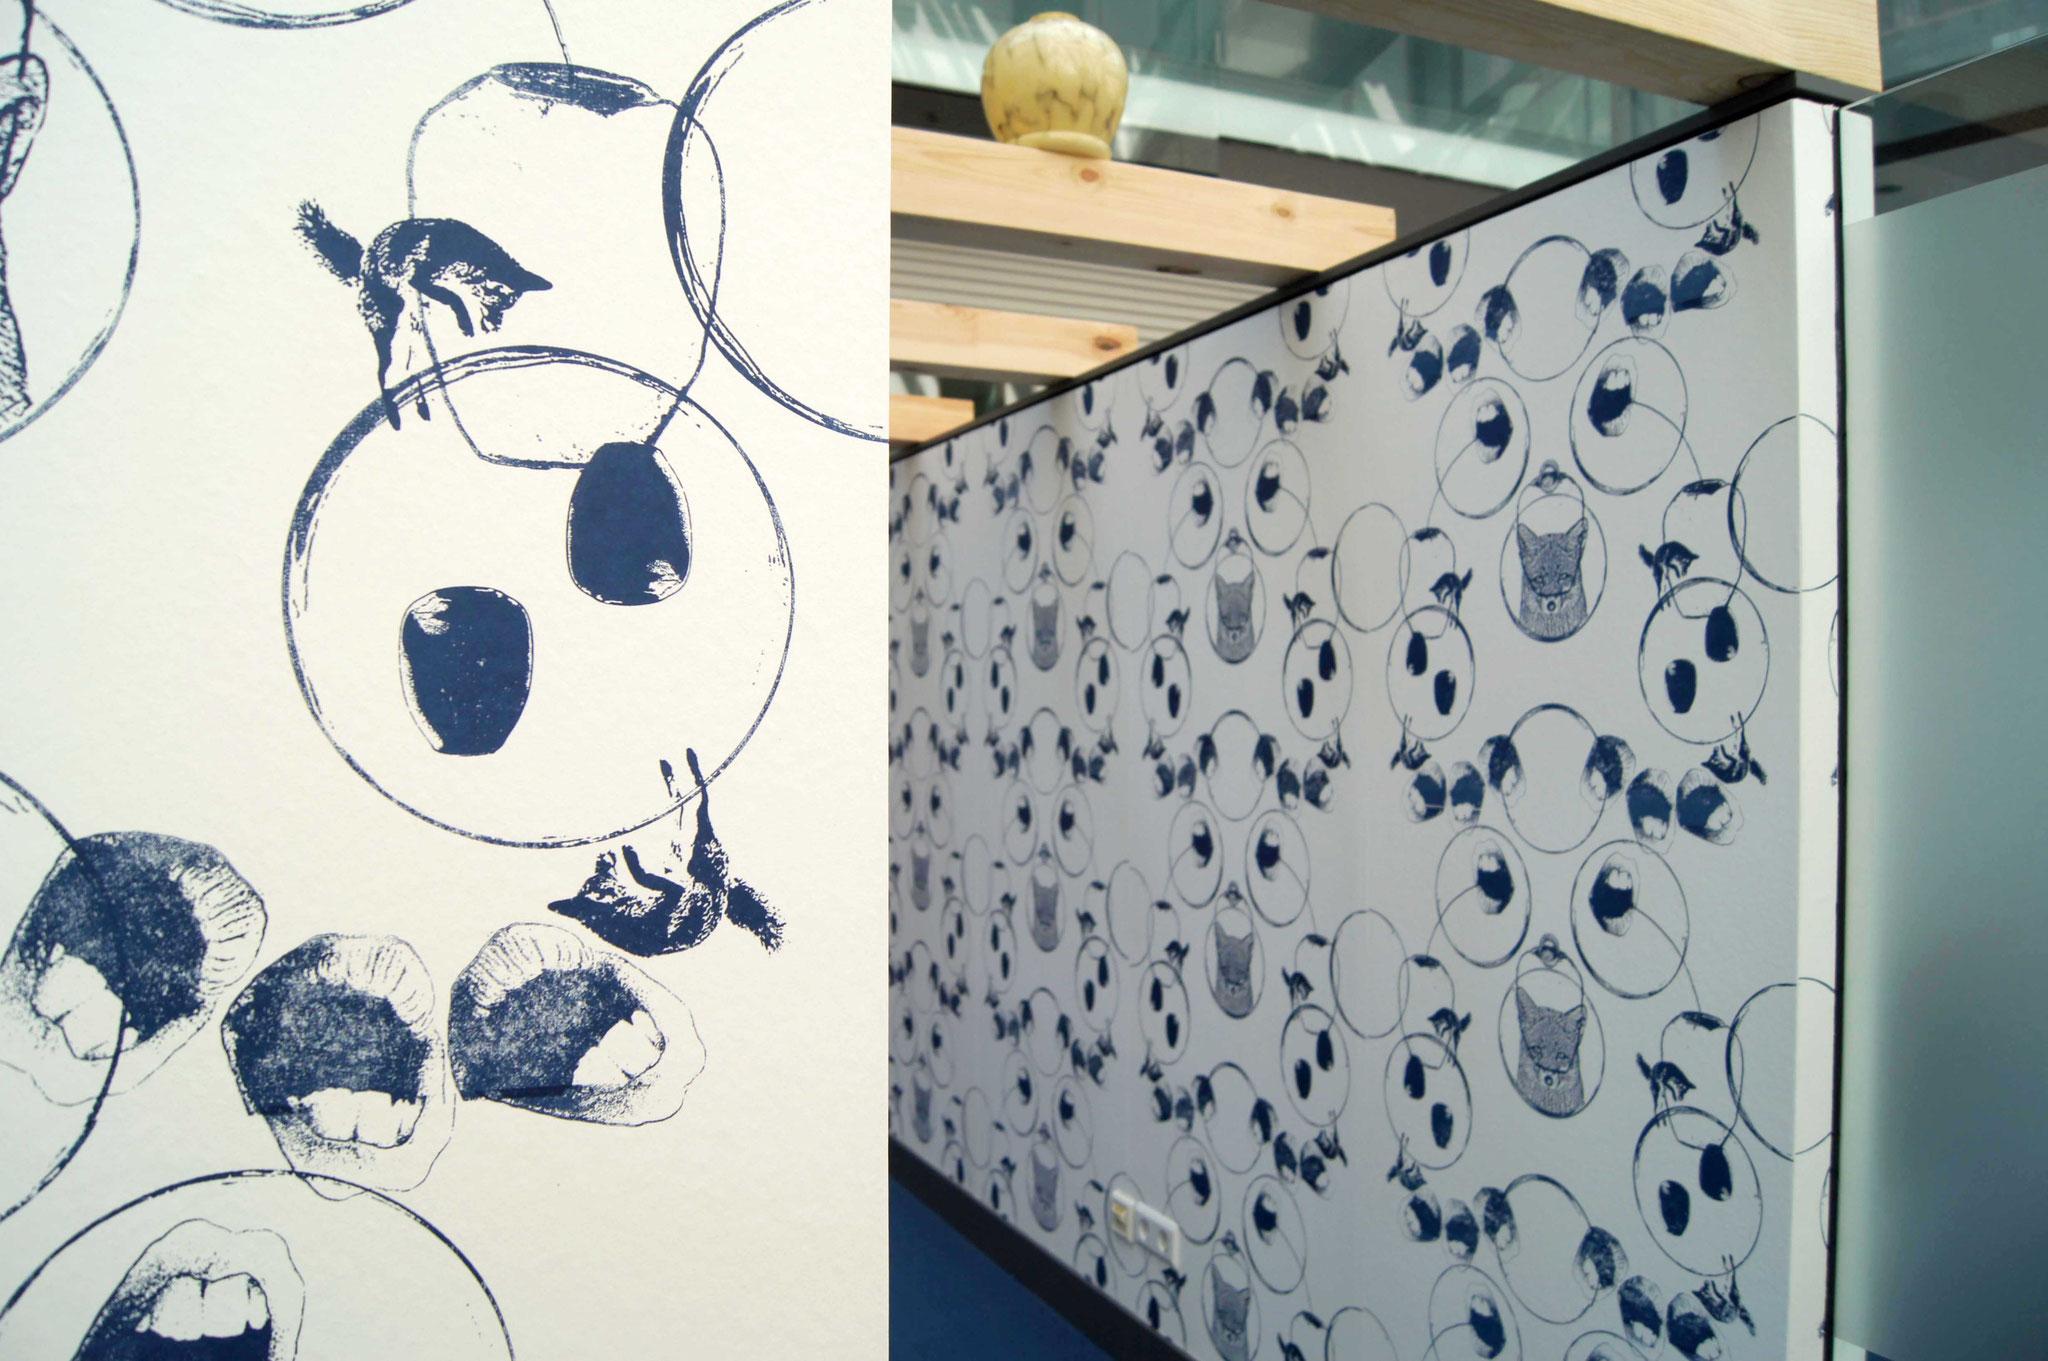 Gefäße  mehrteilige Installation  platziert in einer Bürobox und zwei Glascuben  Ausstellungsansicht: Künstlerräume & Wunderkammer  Nassauische Sparkasse Wiesbaden, 2016